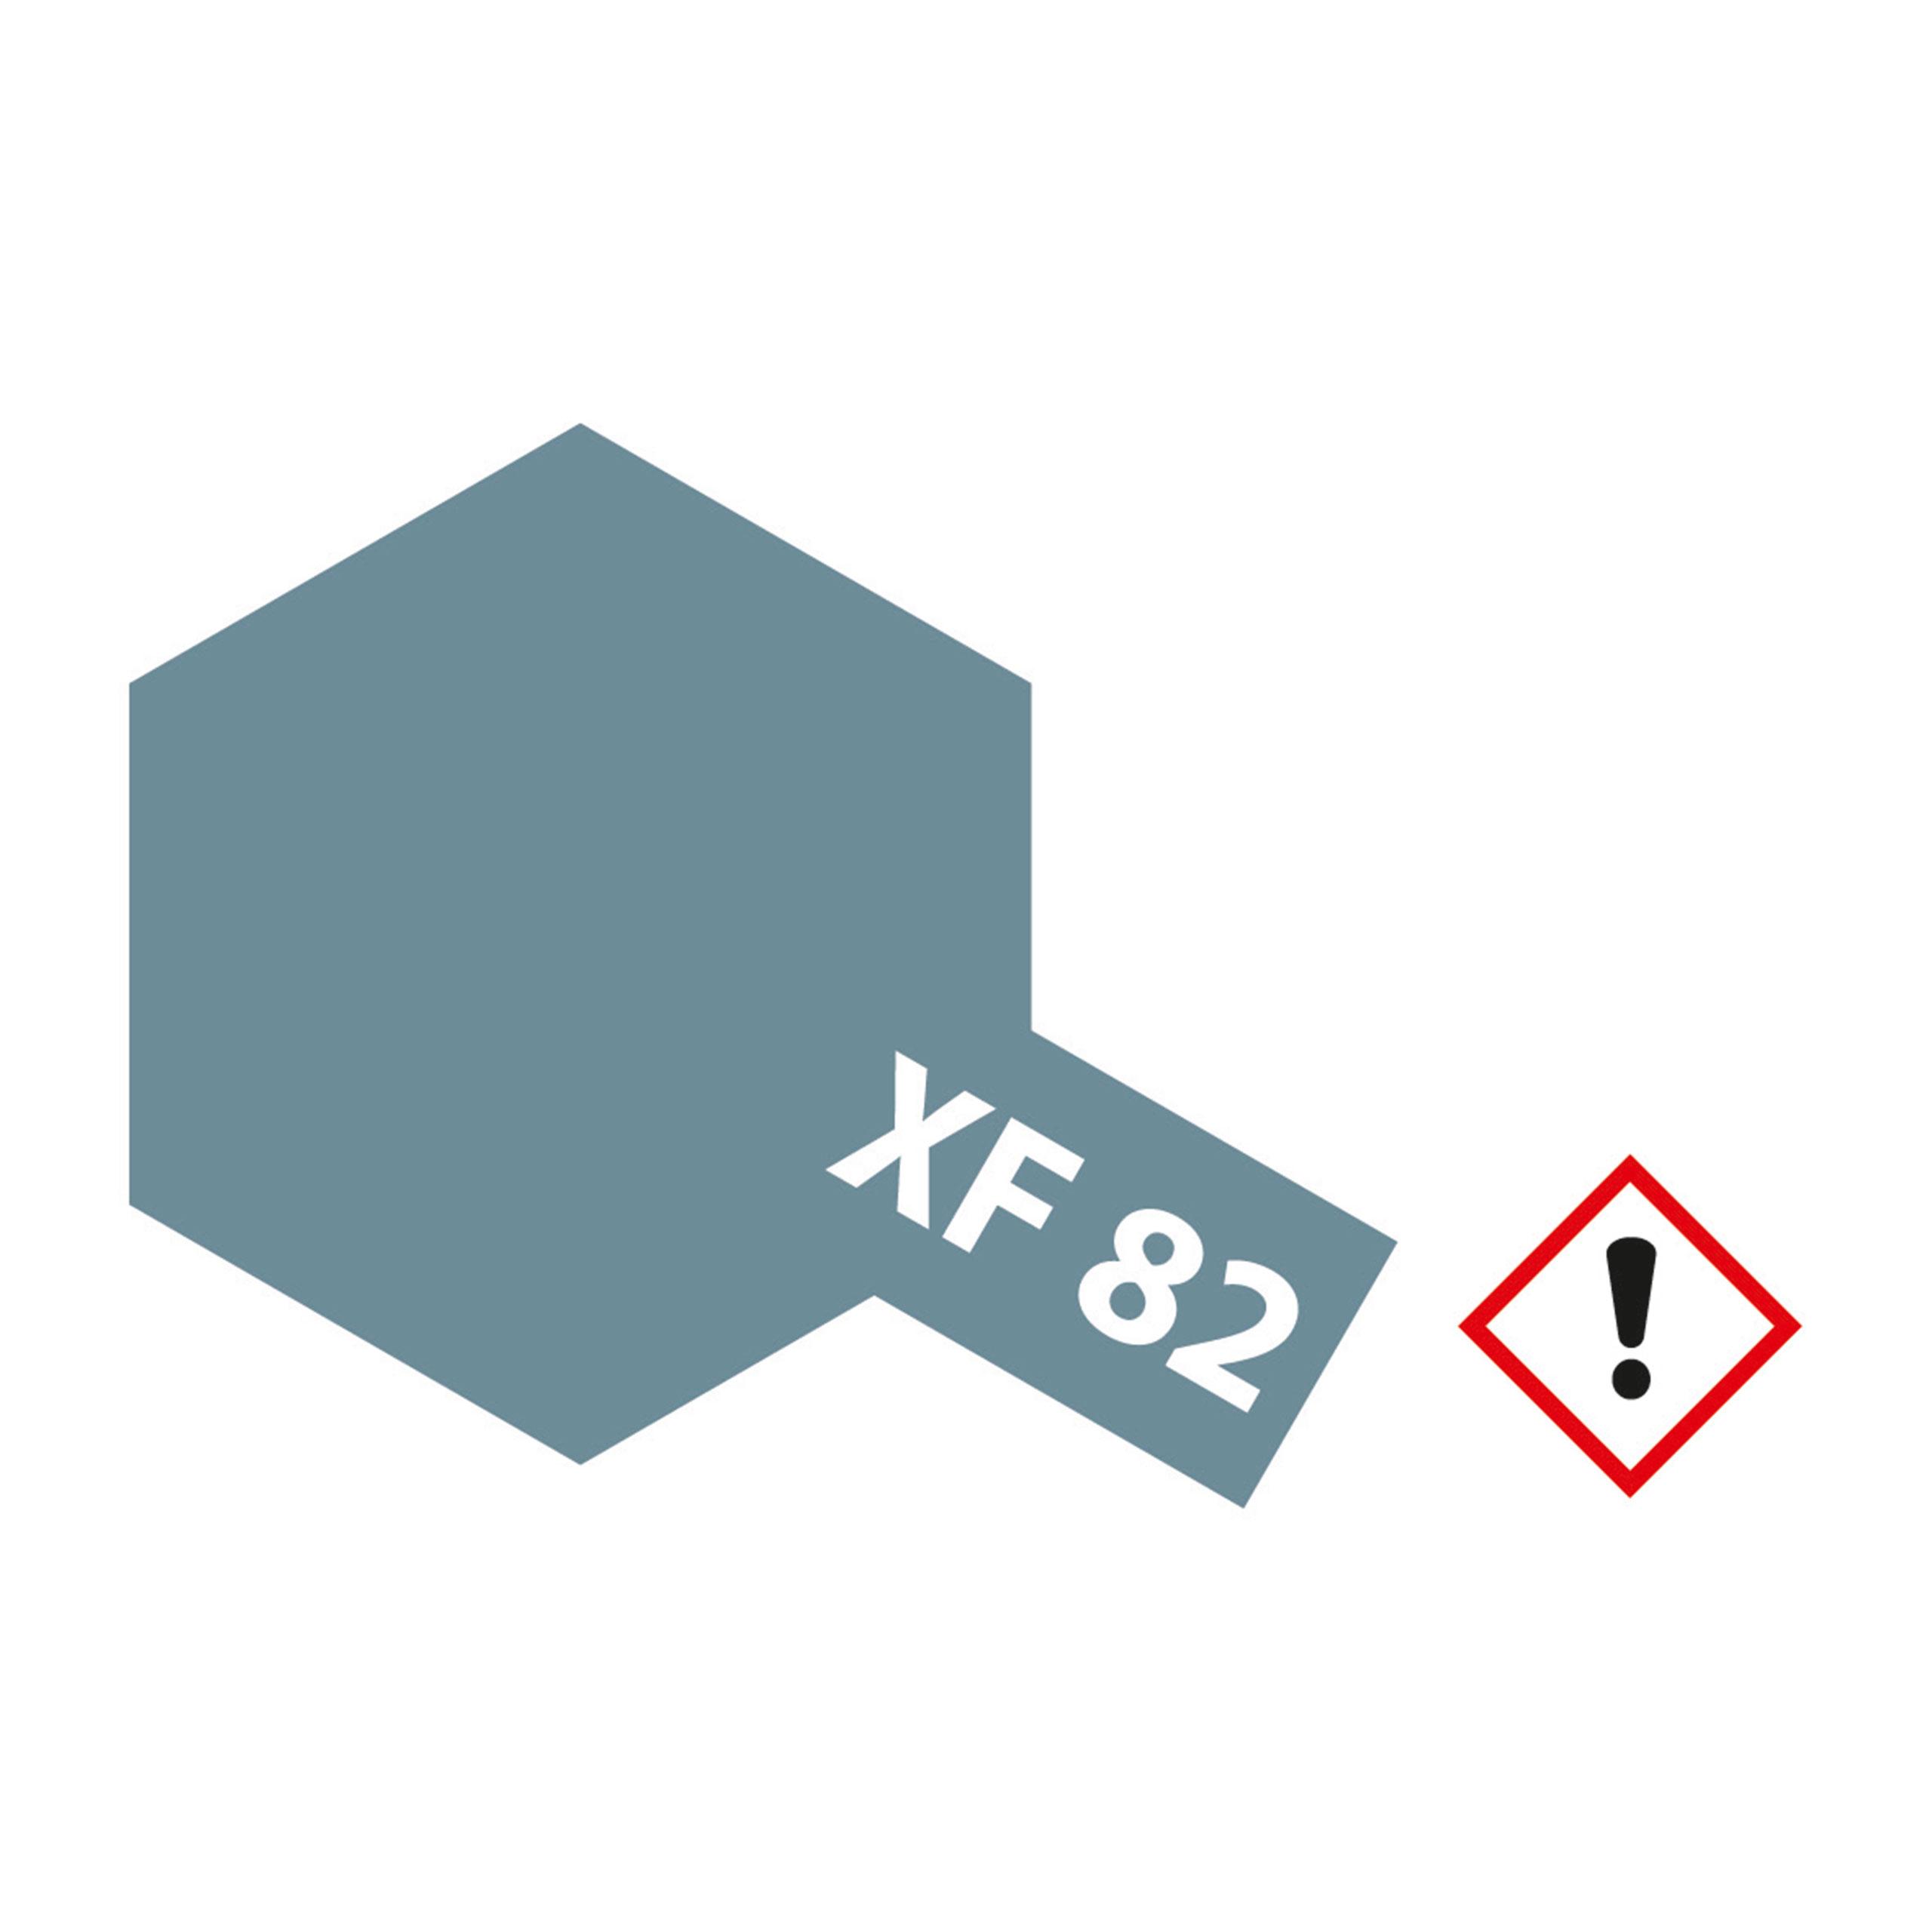 XF-82 Ozean Grau 2 RAF matt - 10ml Acrylstreichfarbe wasserloeslich Tamiya 300081782